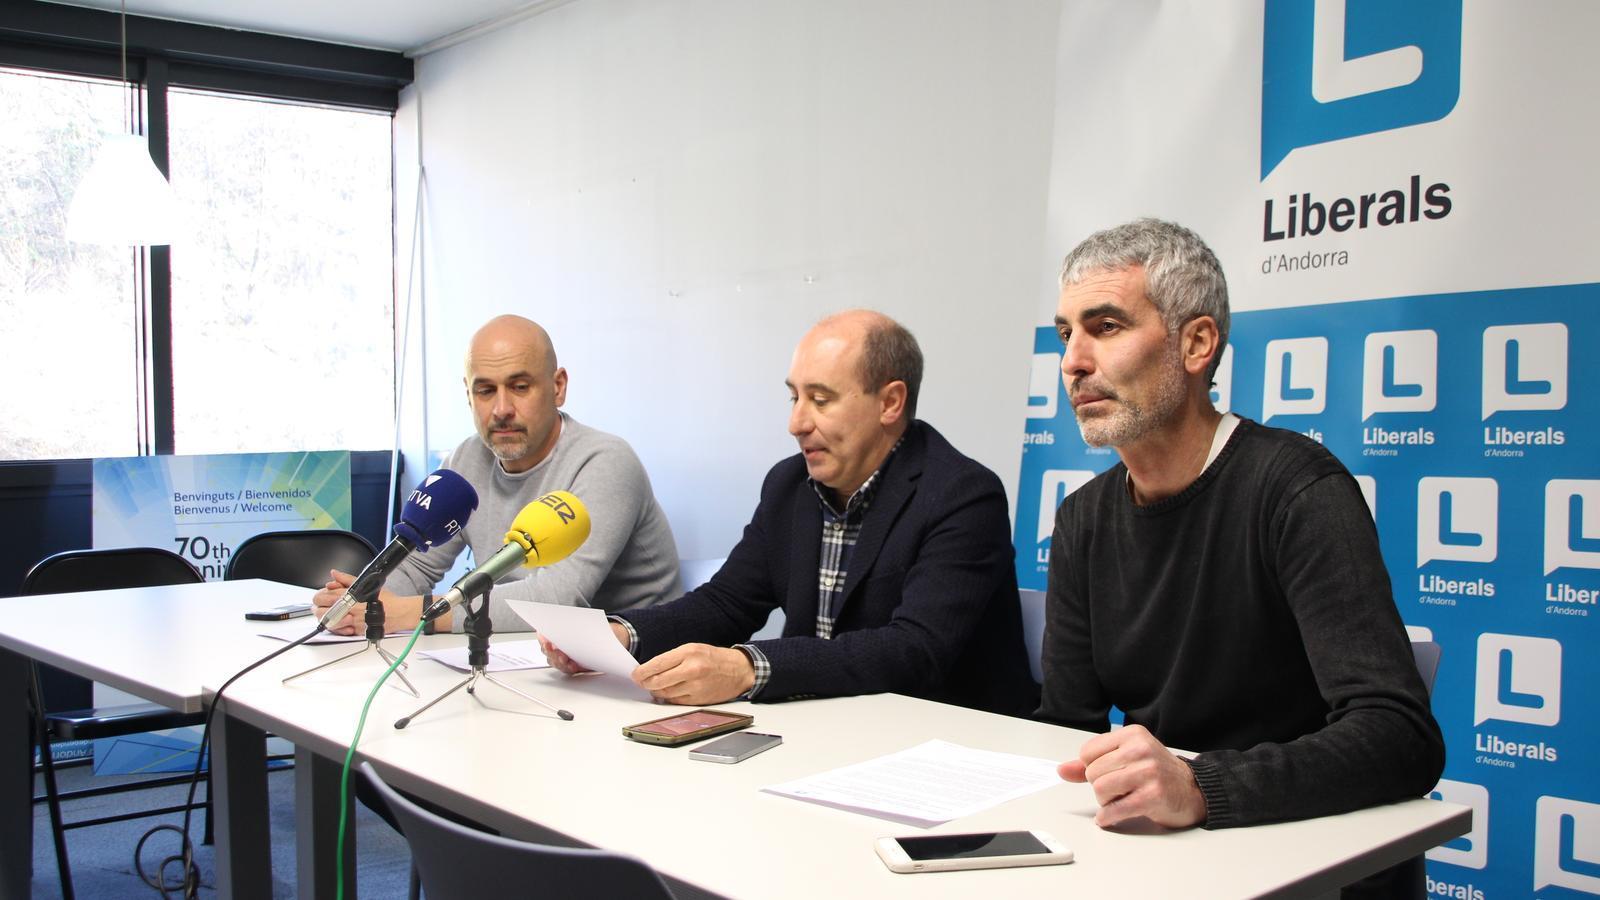 El secretari i el president del comitè liberal d'Escaldes, Higini Martínez-Illescas i Alfons Clavera, i el conseller comunal d'LdA + I al comú d'Escaldes-Engordany, Marc Magallón, durant la roda de premsa. / M. F.